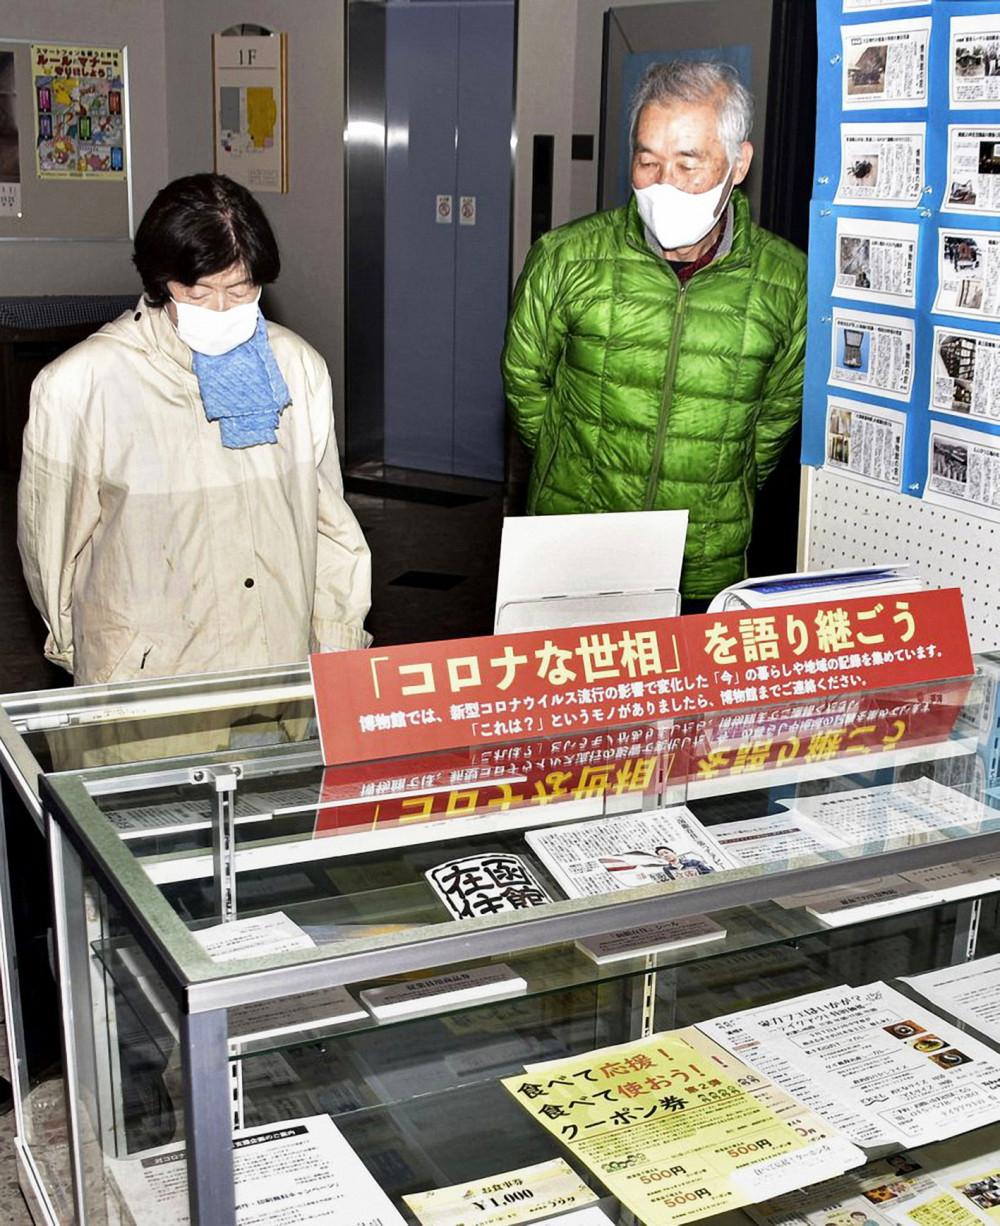 Khách tham quan xem trưng bày liên quan đến COVID-19 tại Bảo tàng Lịch sử Urahoro, Hokkaido - Ảnh: Kyodo News